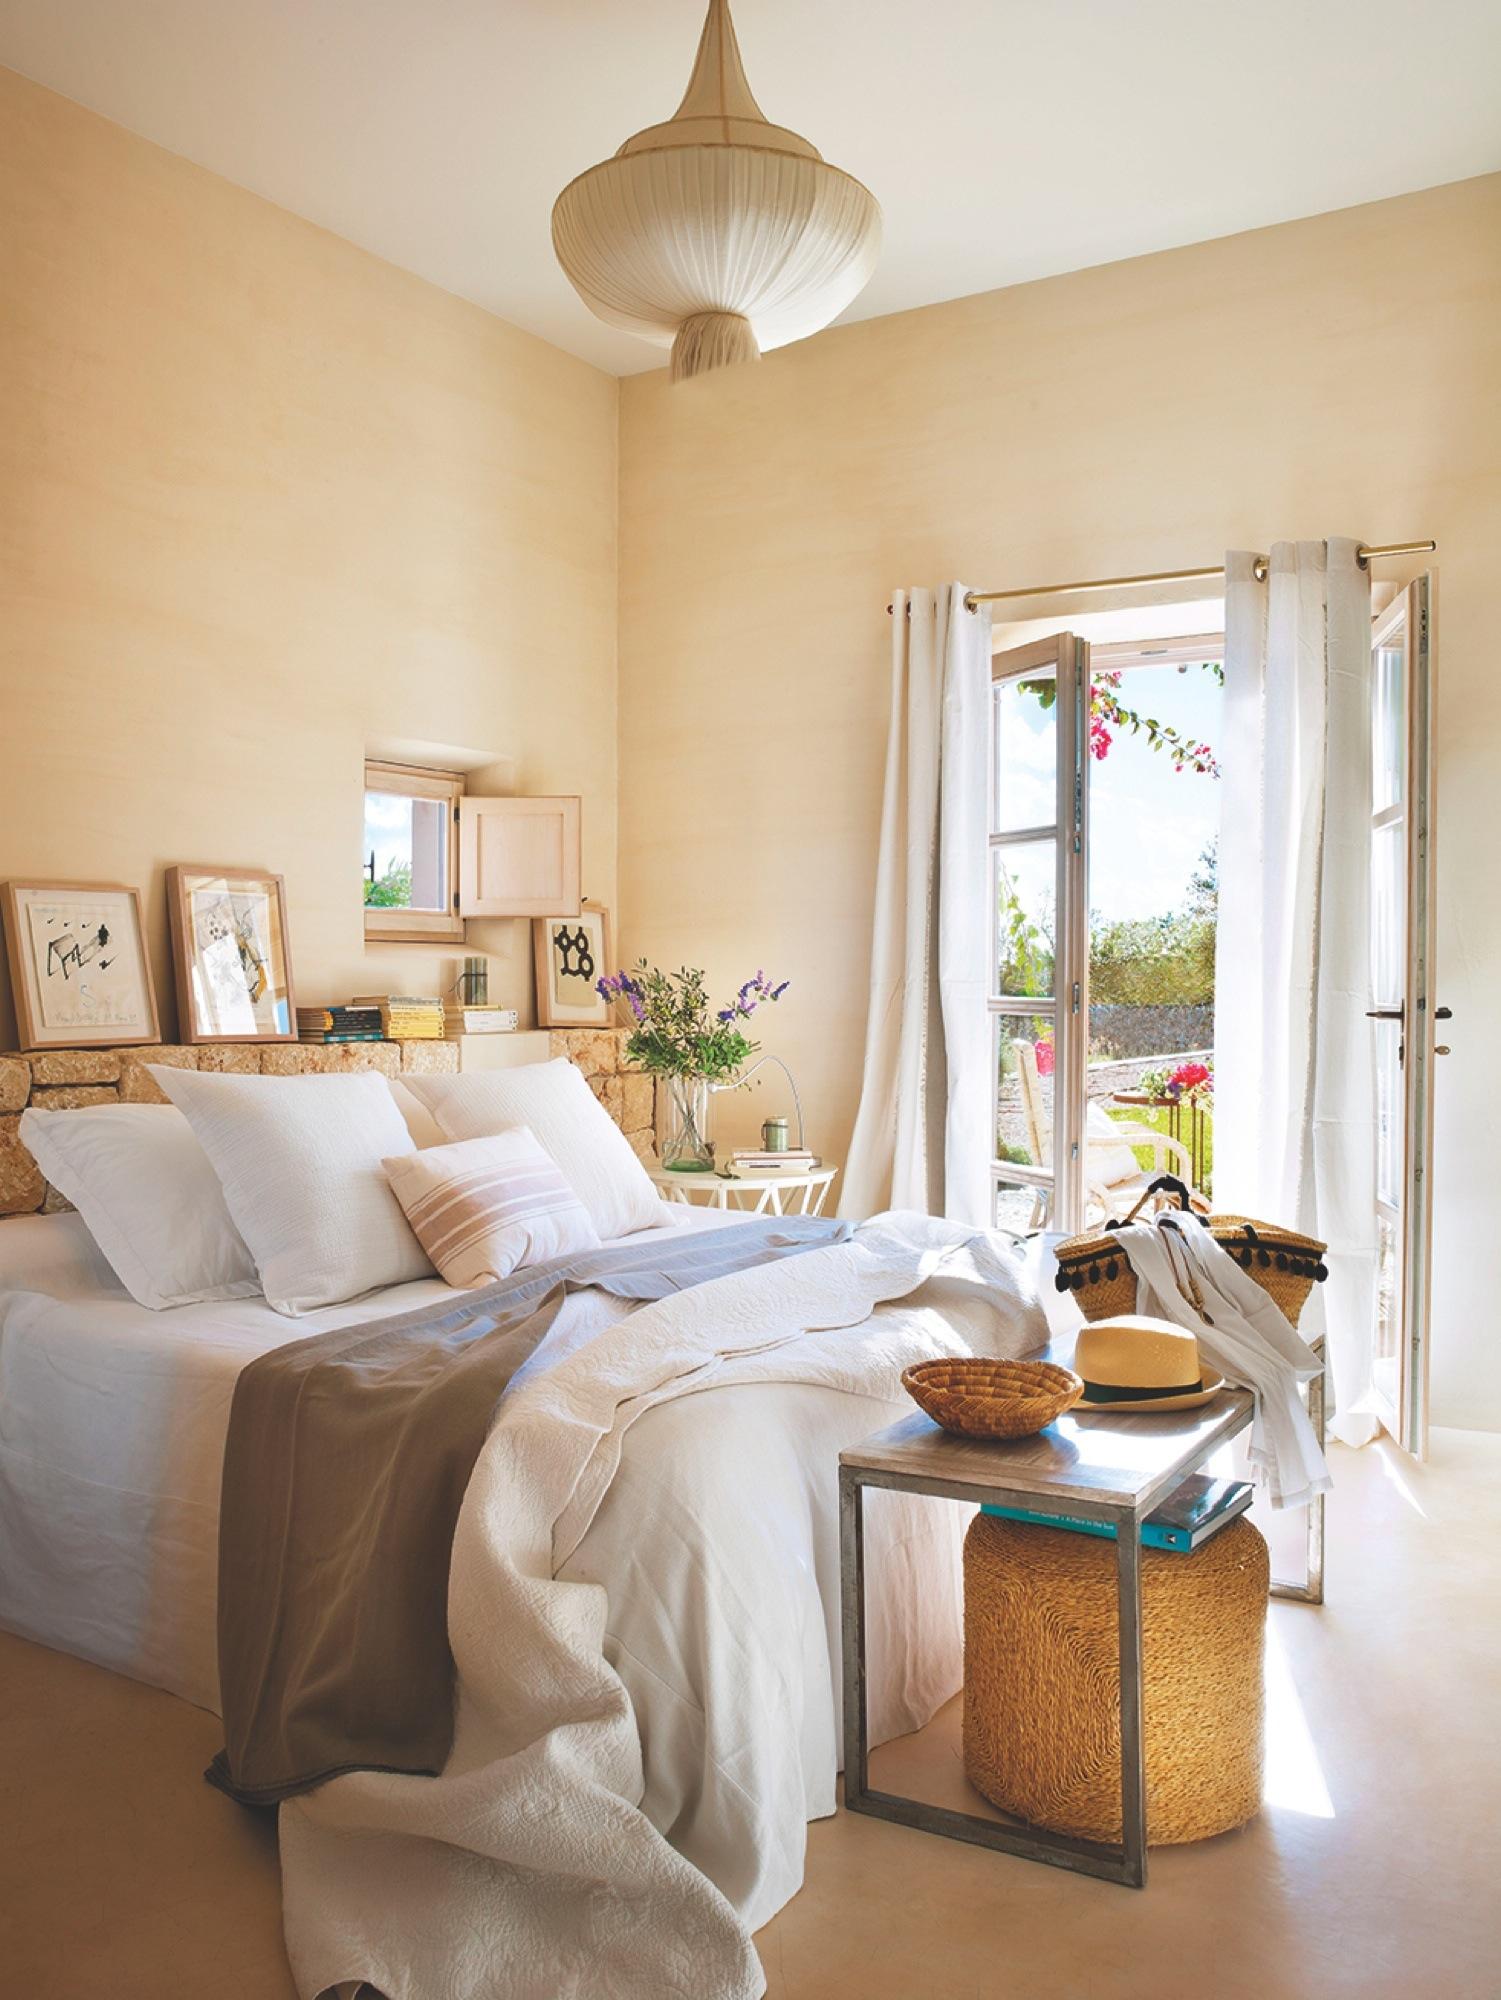 16 trucos para decorar tu dormitorio y dormir mejor - Como decorar tu dormitorio ...